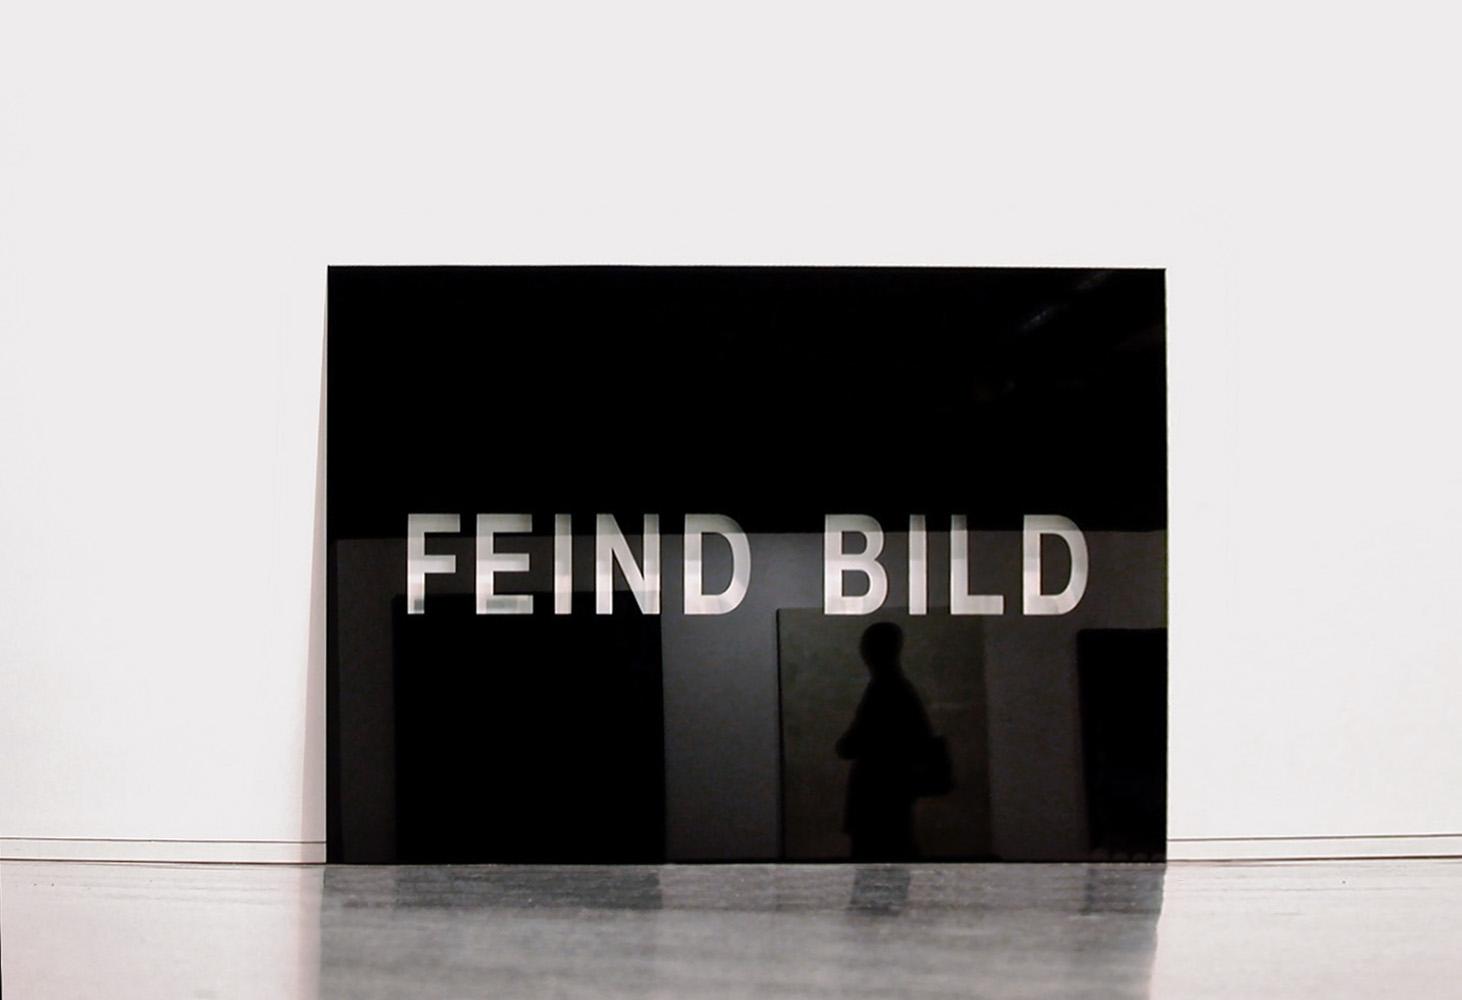 2000, Glas, glass, 180x240cm<br> Ausstellung: Diskursive Malerei, MUMOK Wien 2000/2001; Exhibition: Discourses in Painting  / MUMOK Vienna 2000/2001